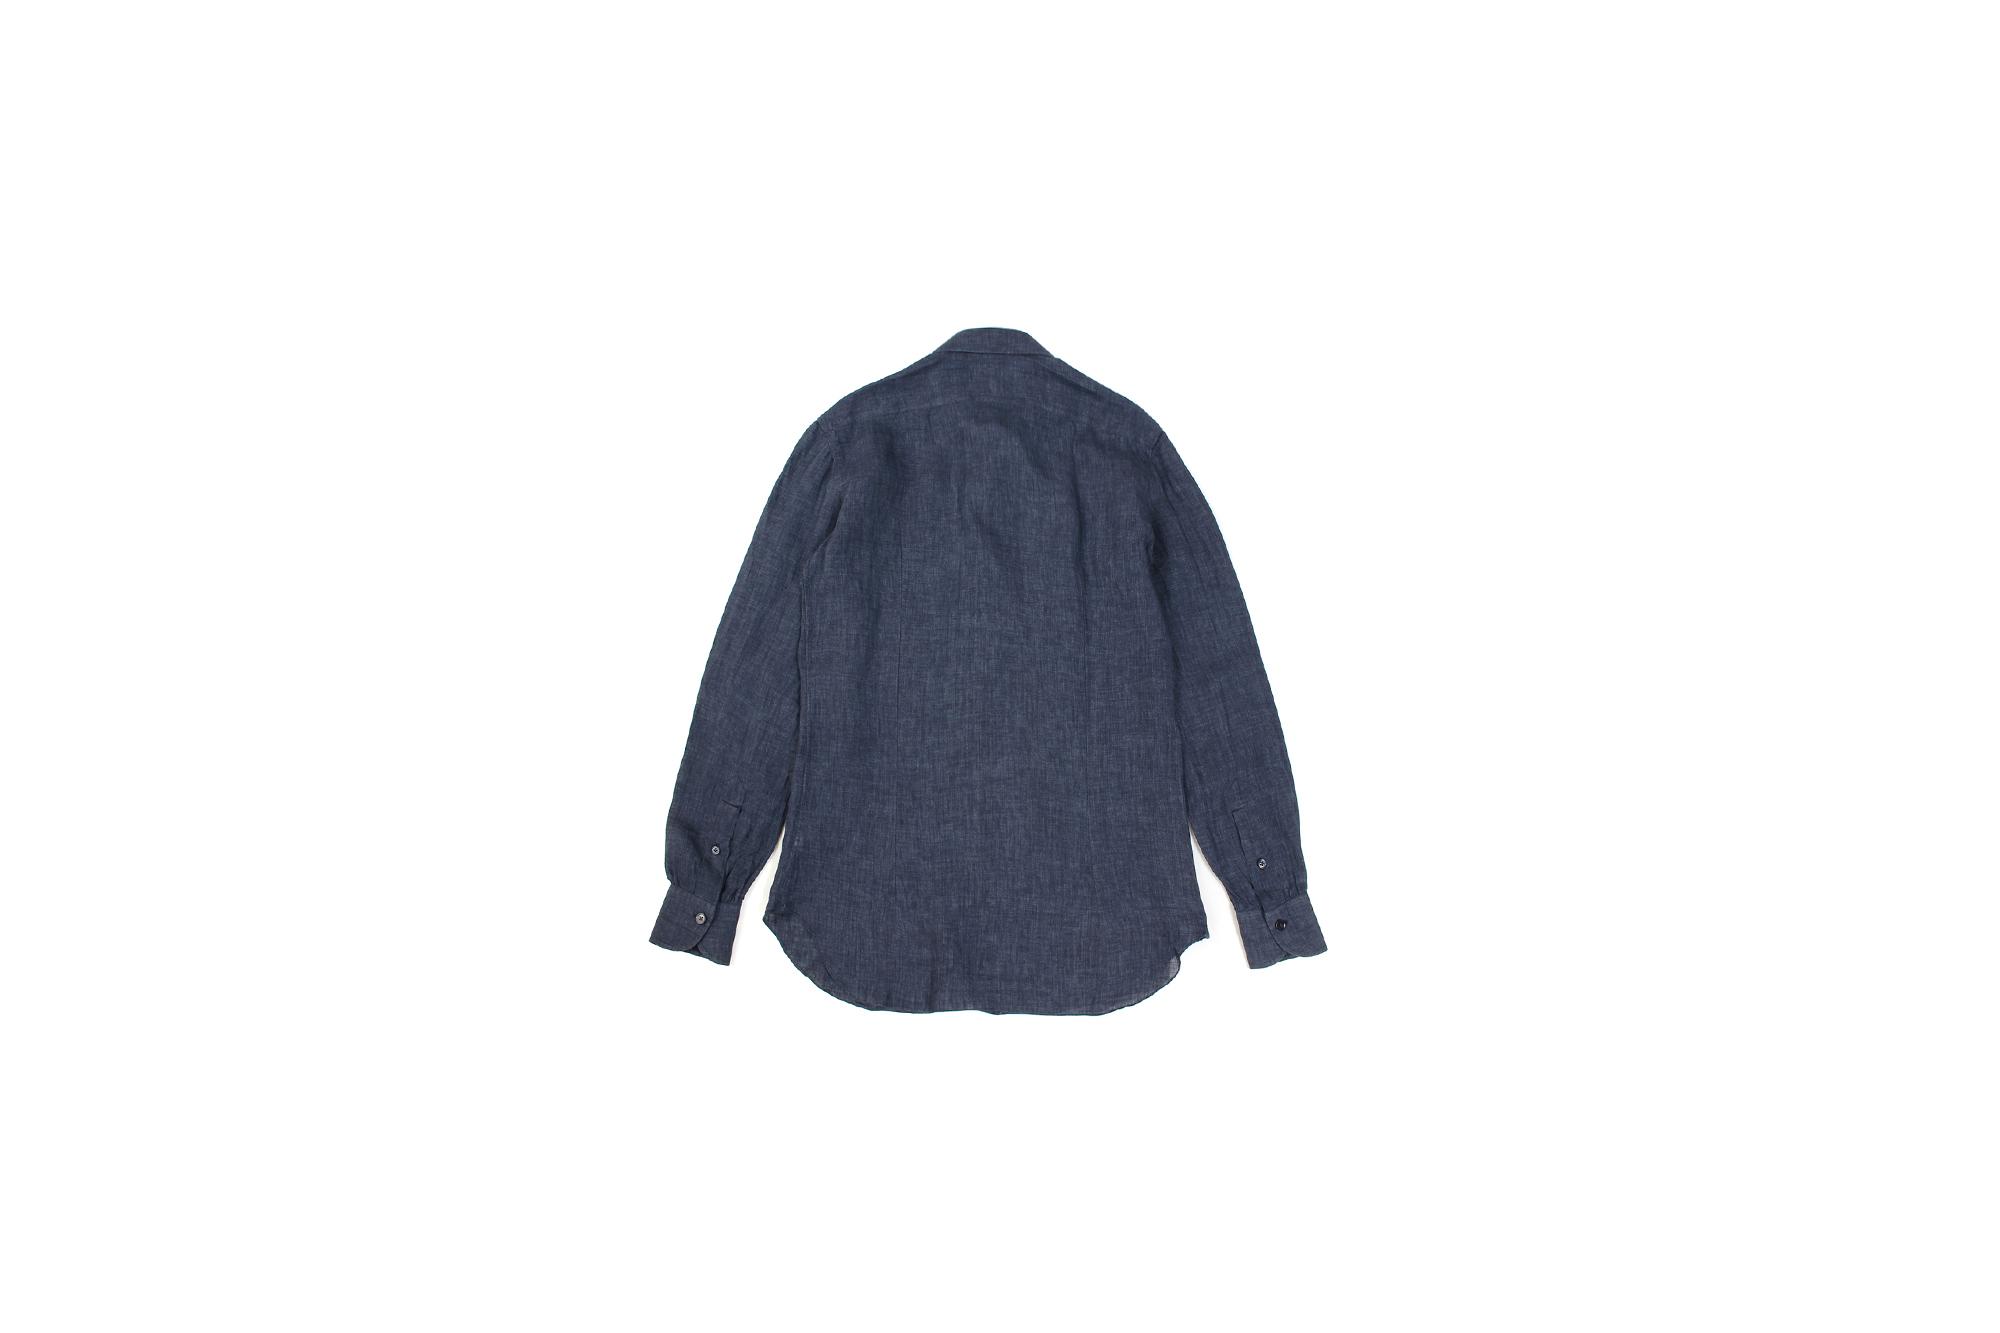 AVINO Laboratorio Napoletano(アヴィーノ・ラボラトリオ・ナポレターノ) Linen Dress Shirts (リネン ドレス シャツ) リネン100% ワイドカラー シャツ NAVY (ネイビー) made in italy (イタリア製) 2020 春夏 【ご予約開始】 愛知 名古屋 altoediritto アルトエデリット リネンシャツ